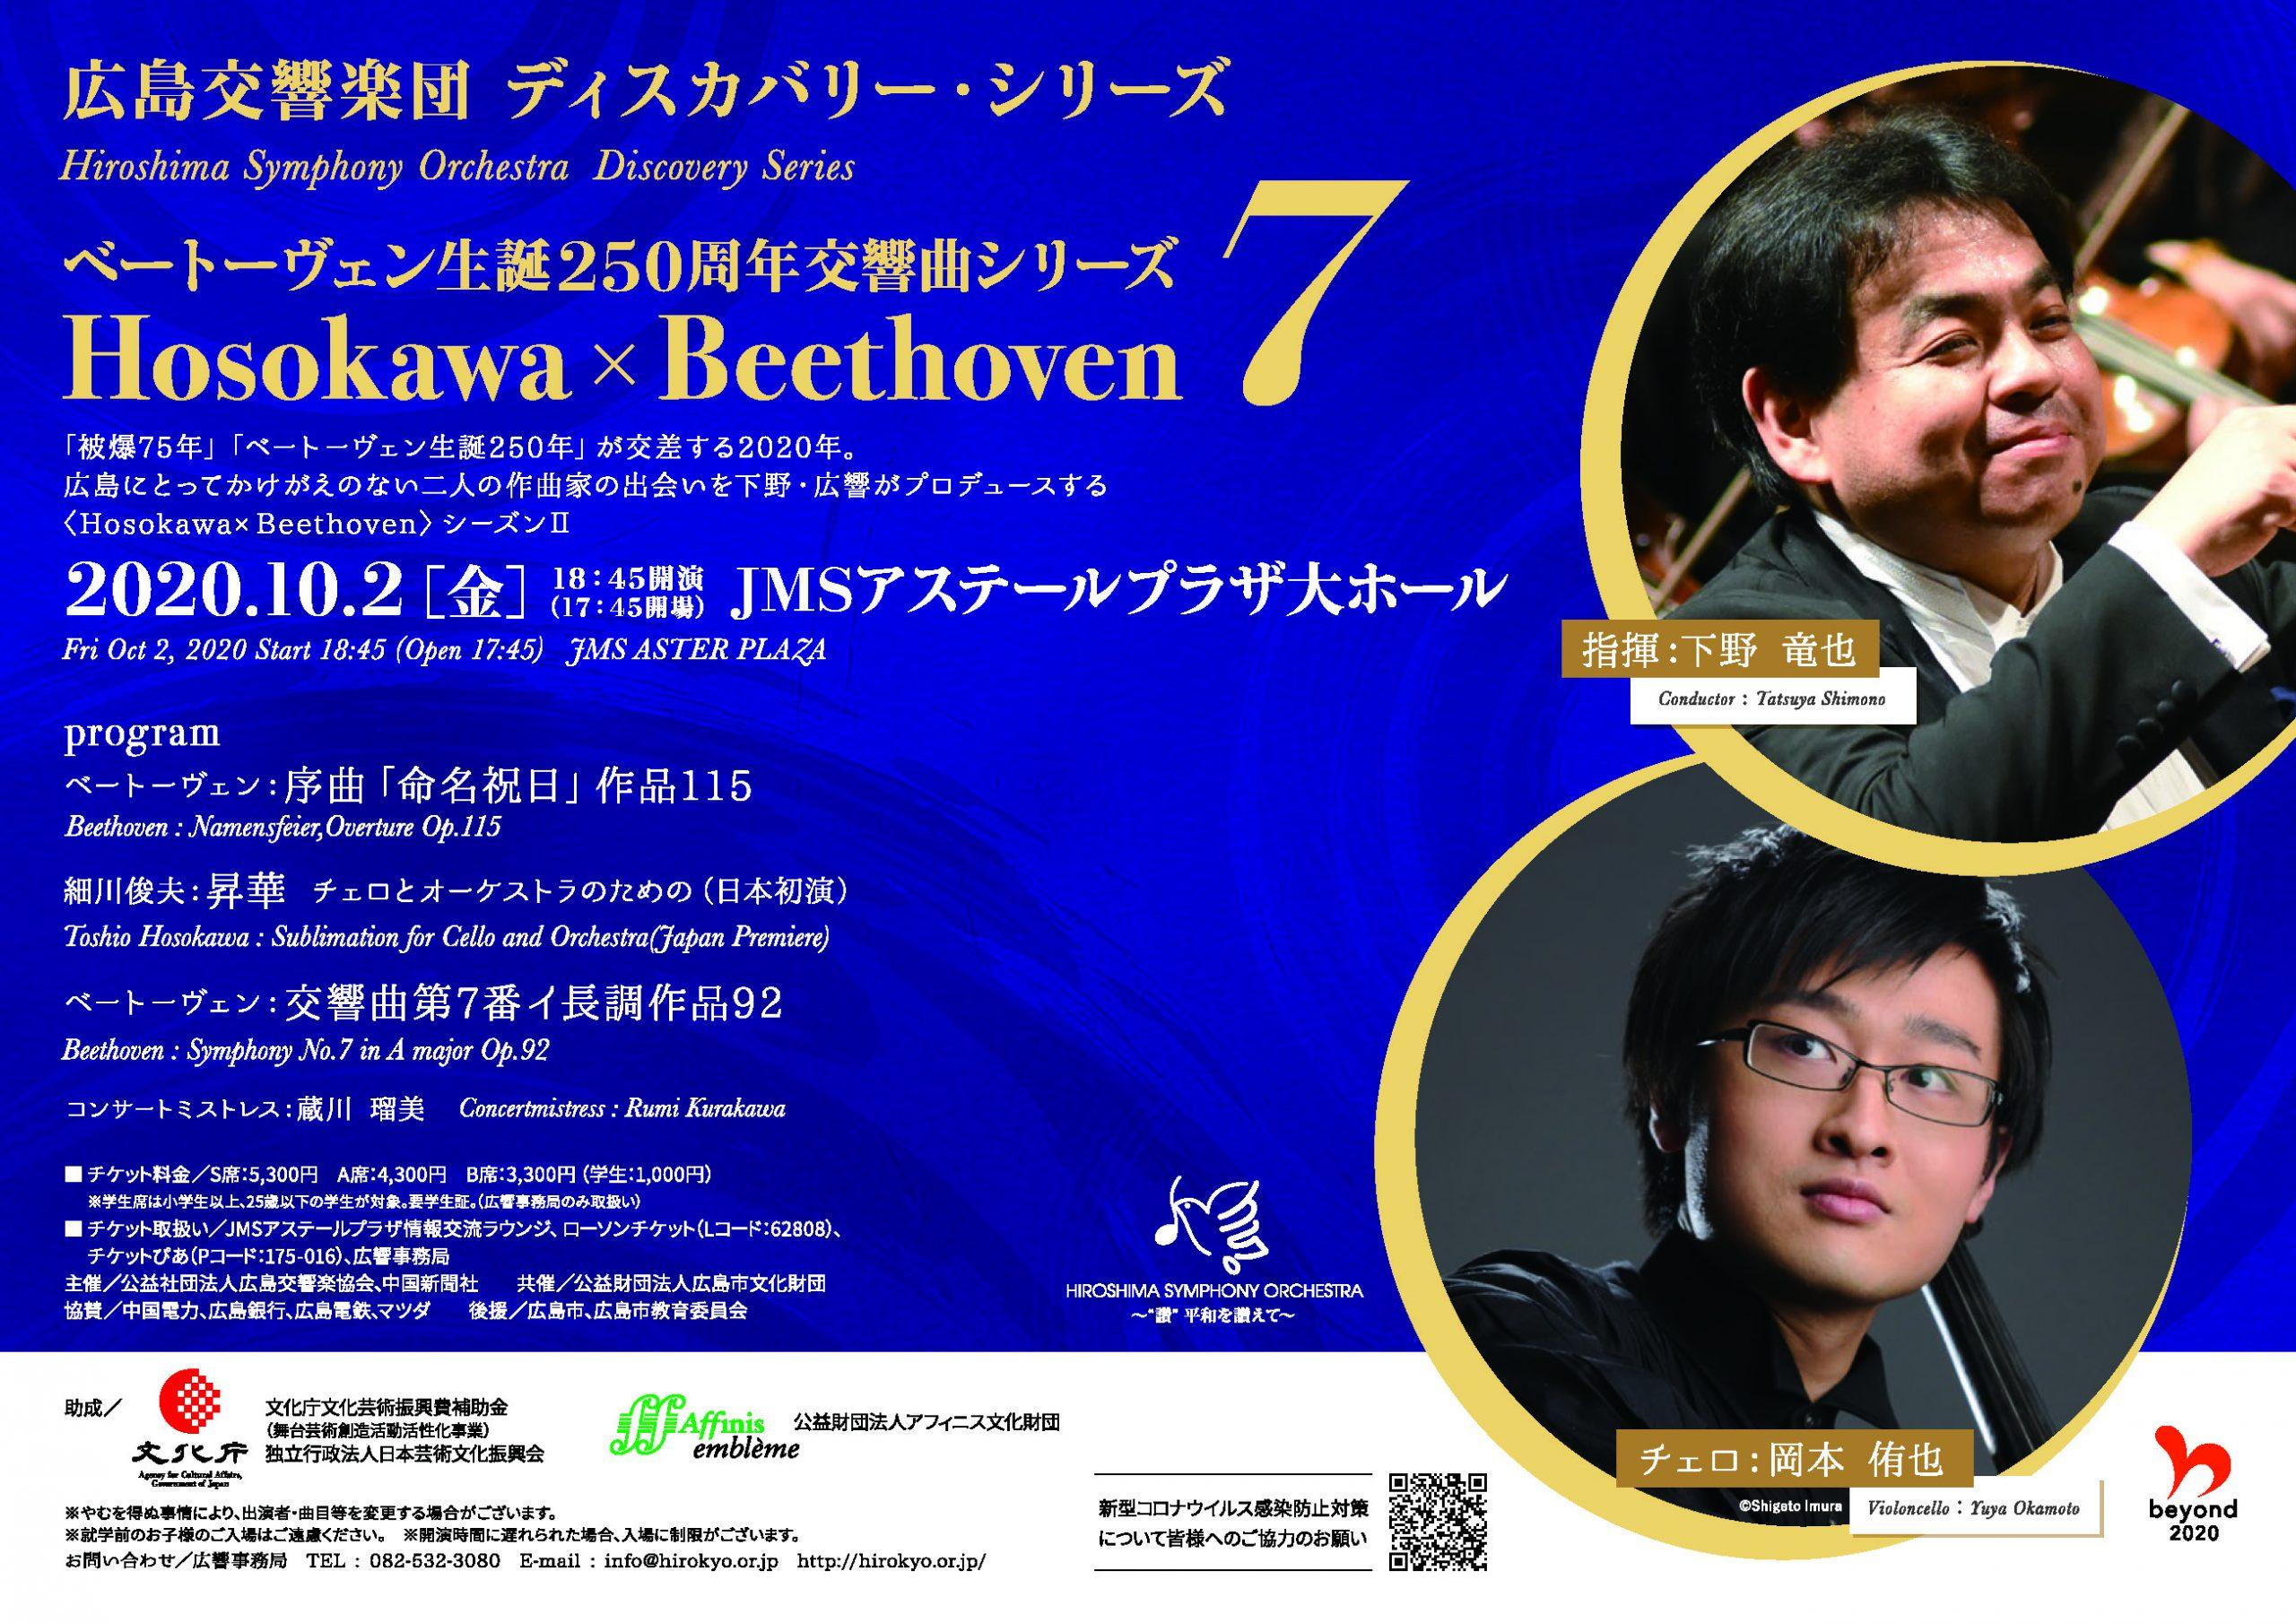 ディスカバリー・シリーズ7〈ベートーヴェン生誕250周年交響曲シリーズ〉Hosokawa×Beethoven